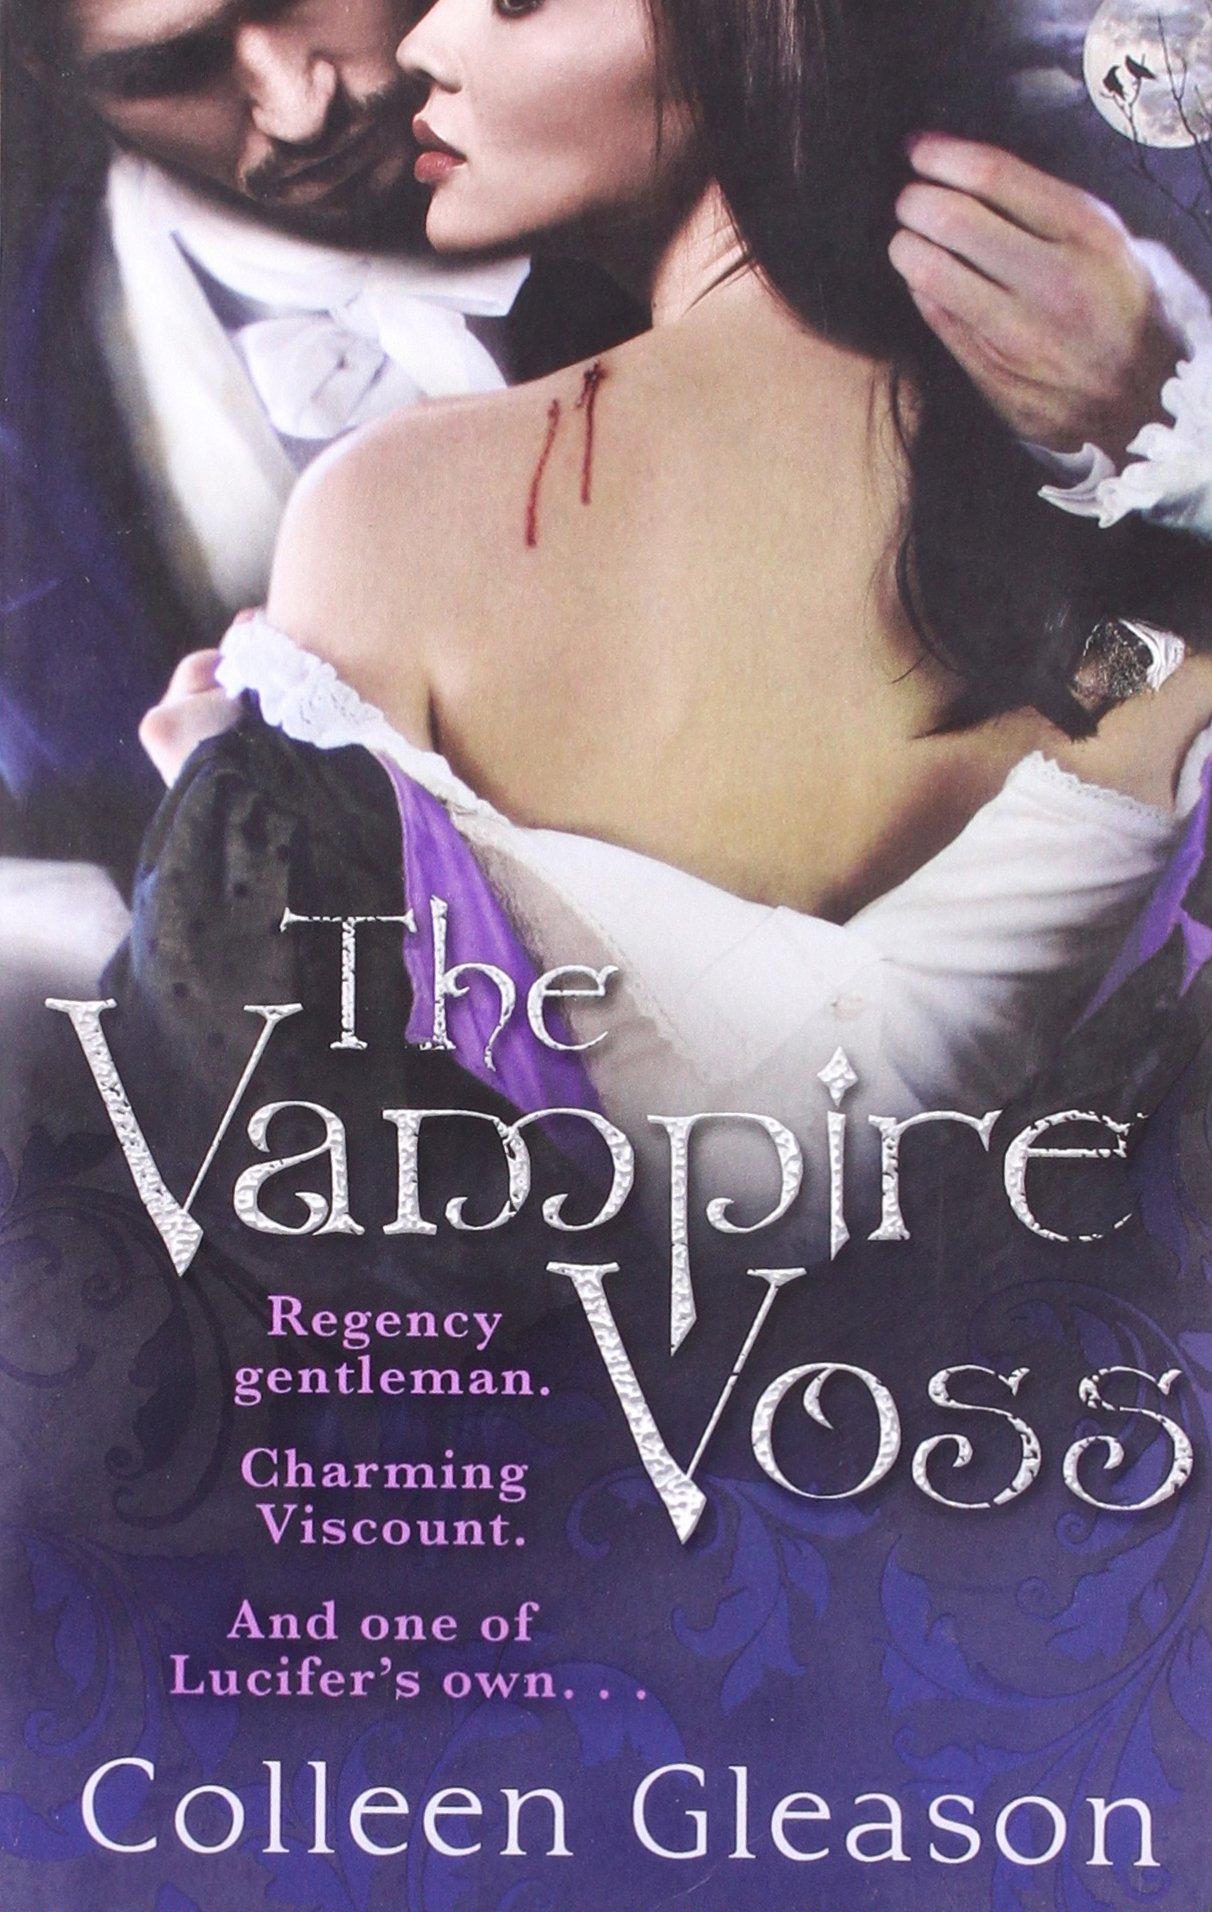 Vampire Voss Colleen Gleason